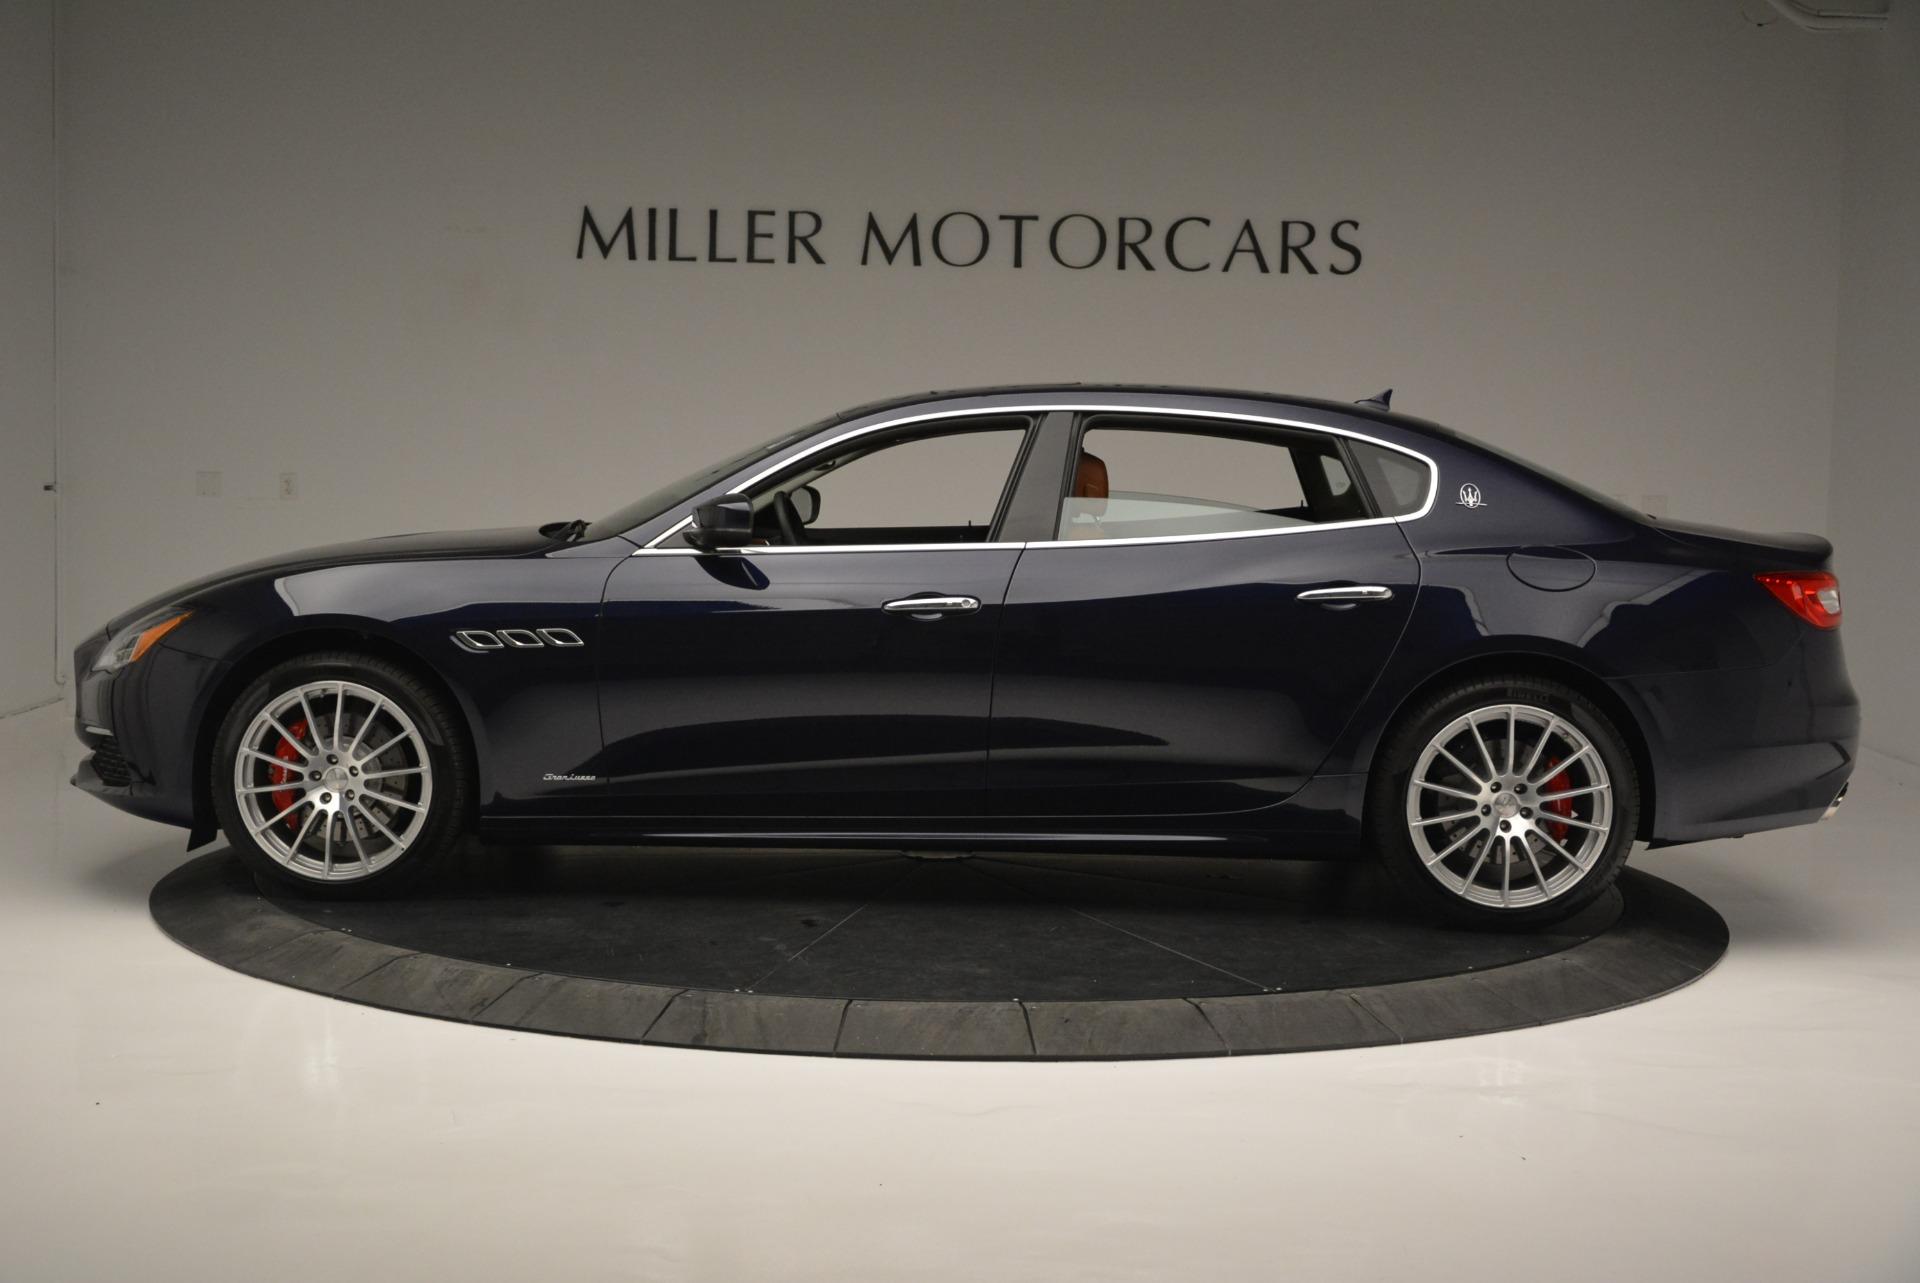 New 2018 Maserati Quattroporte S Q4 GranLusso For Sale In Greenwich, CT 1859_p3